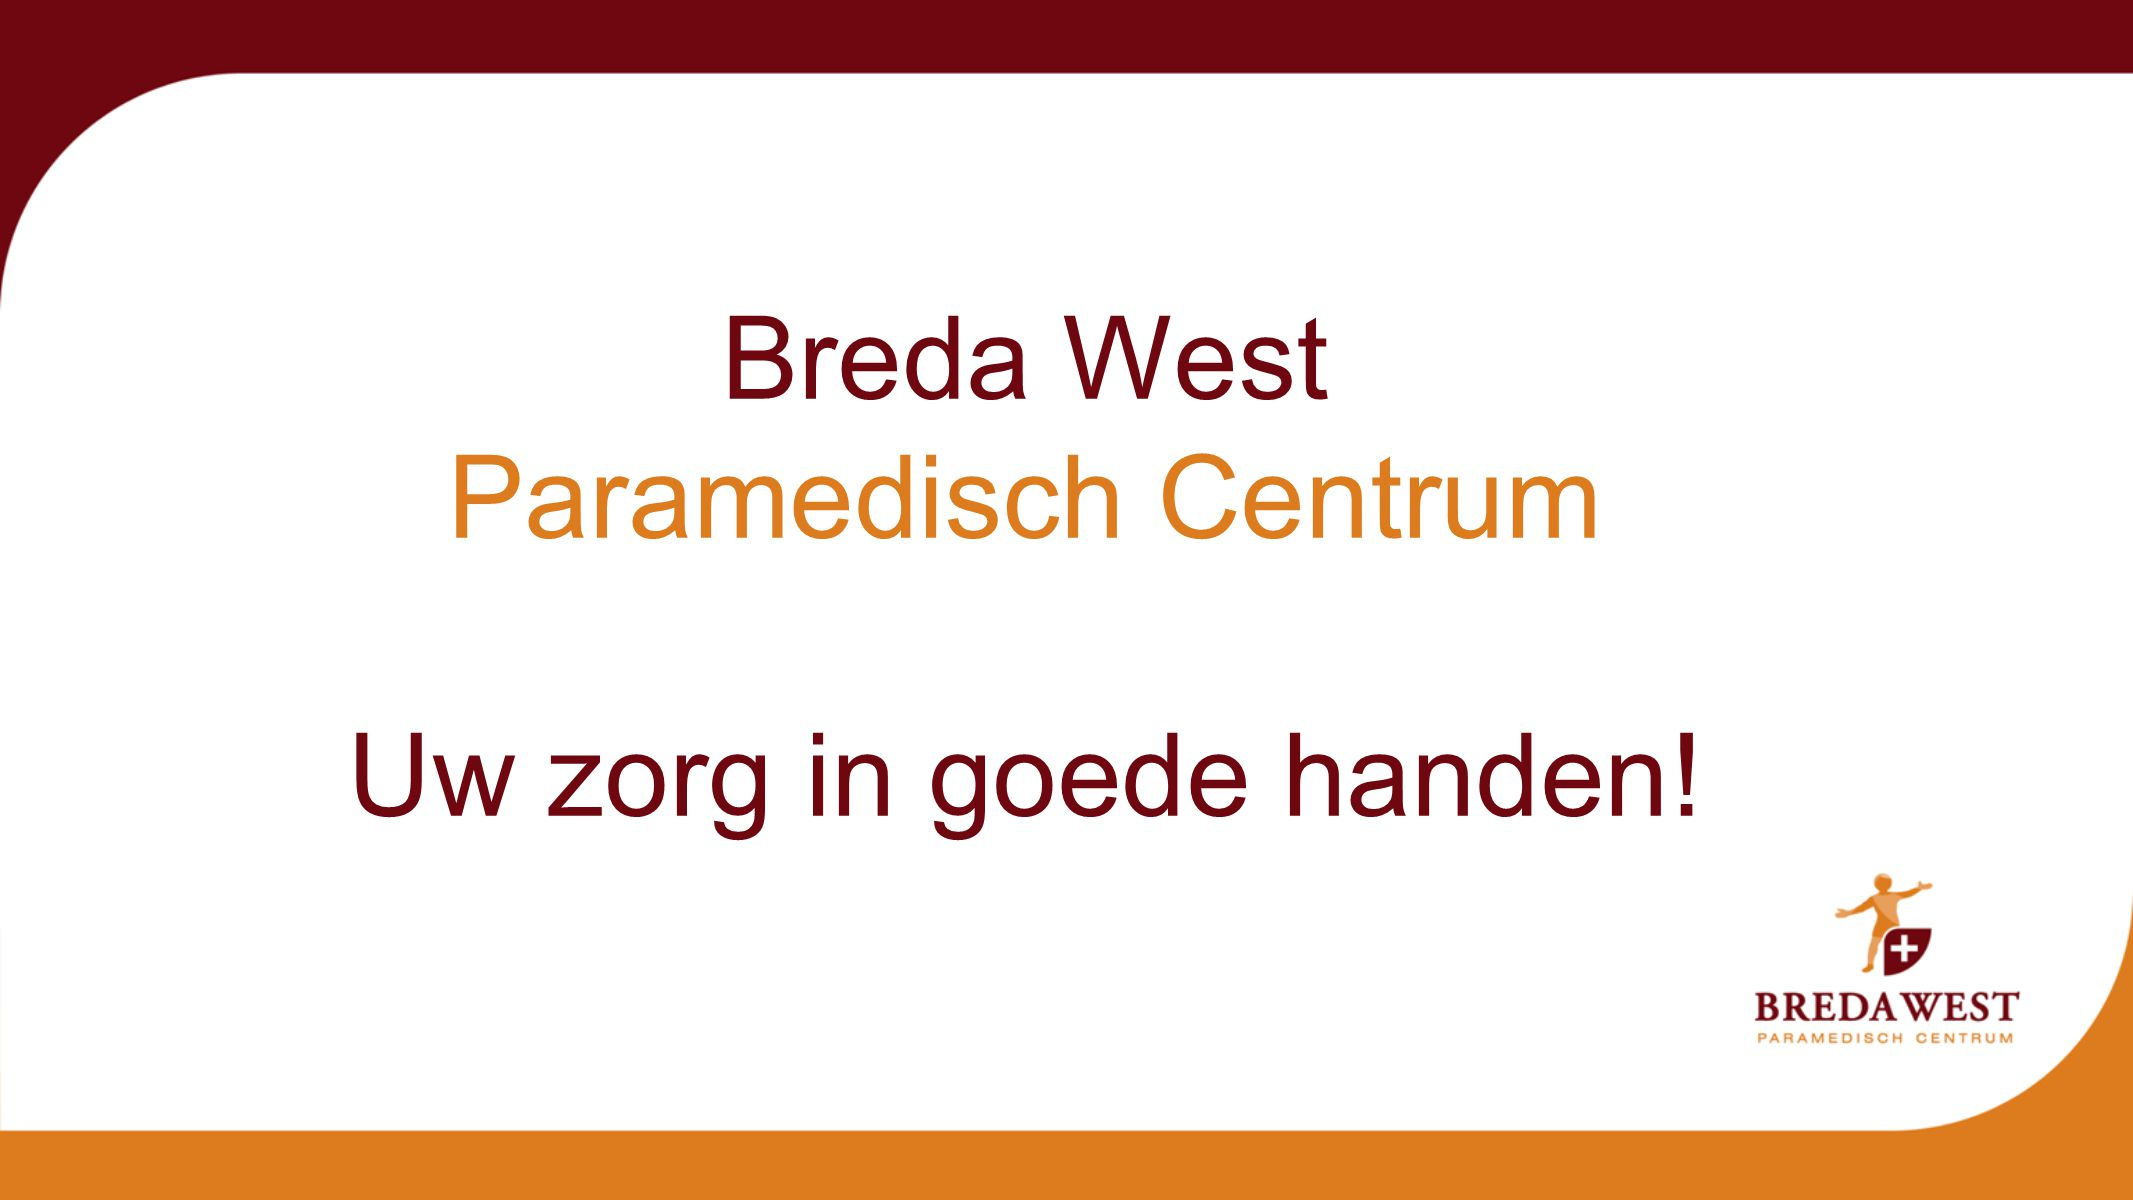 Breda West Paramedisch Centrum Uw zorg in goede handen!